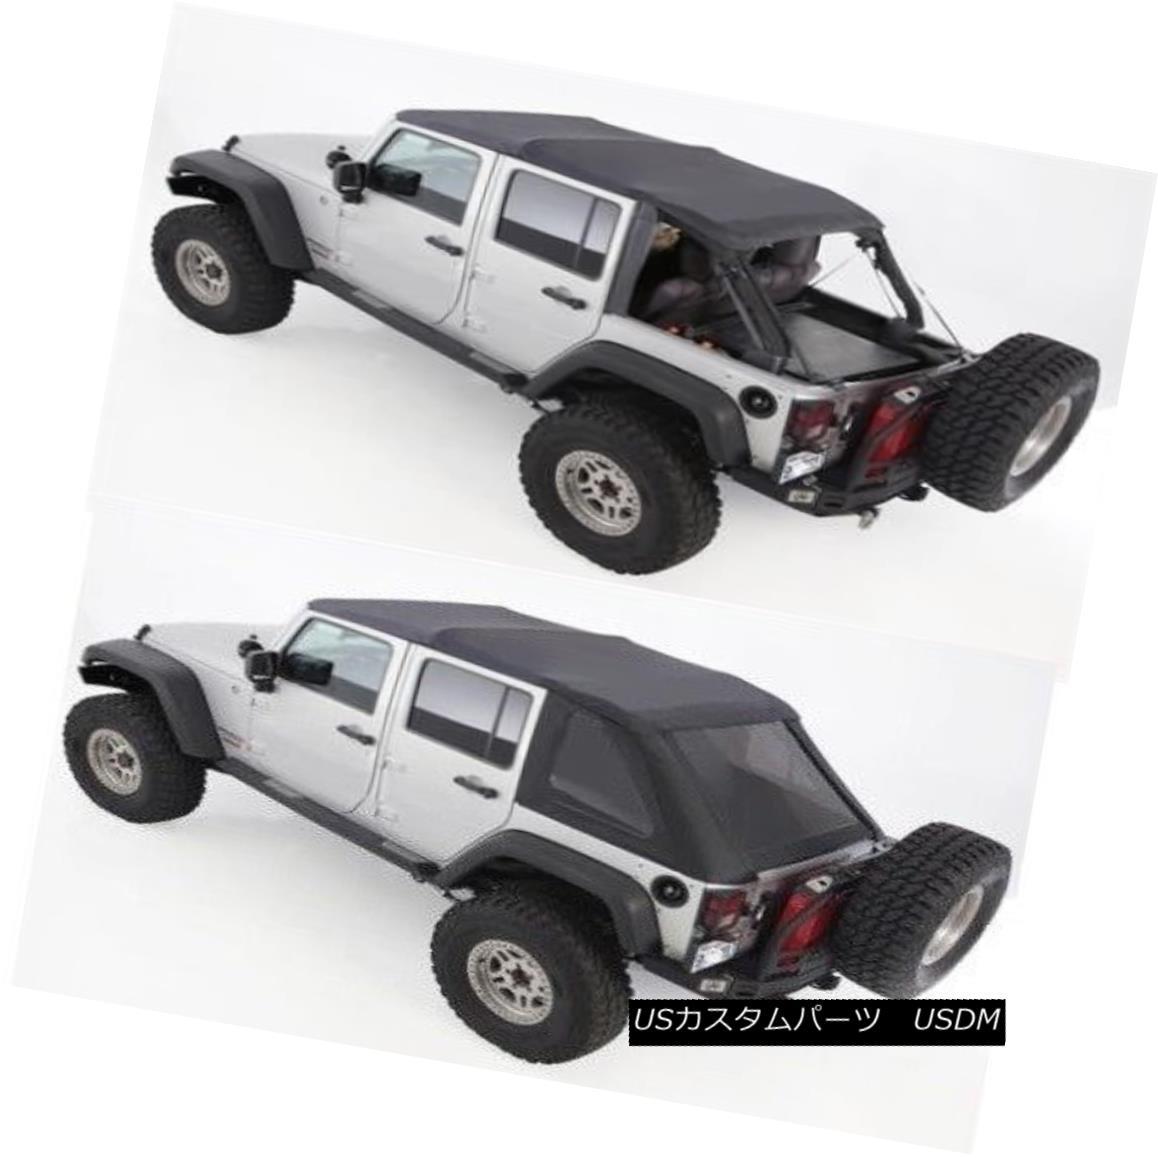 幌・ソフトトップ 07-18 soft top Jeep Wrangler UNLIMITED BLACK TINT Bowless top comes w/ hardware 07-18ソフトトップジープラングラー無制限ブラックトートボウレストップはハードウェア付き